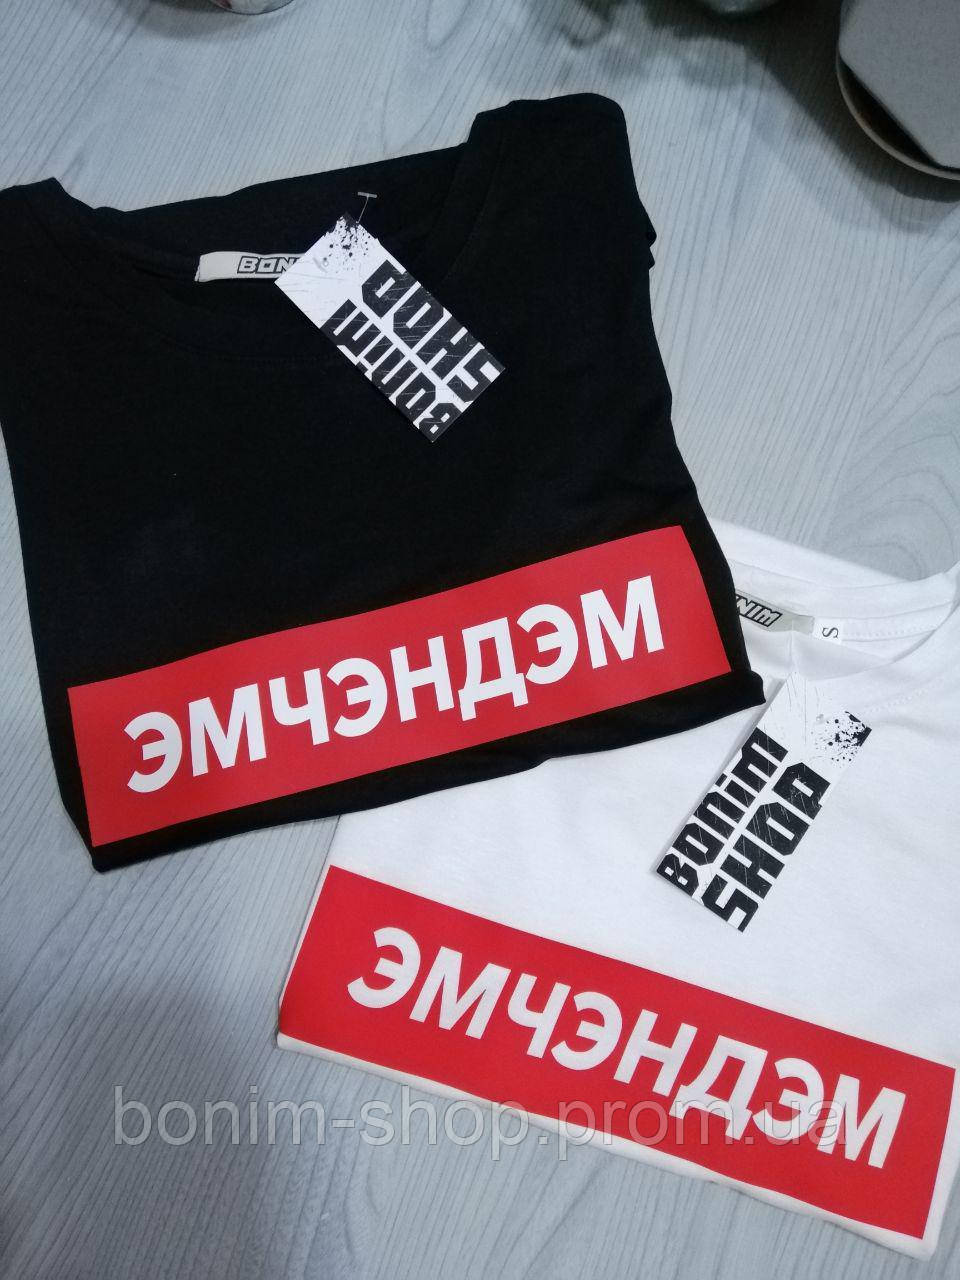 Женские футболки с принтом Эмчэндэм